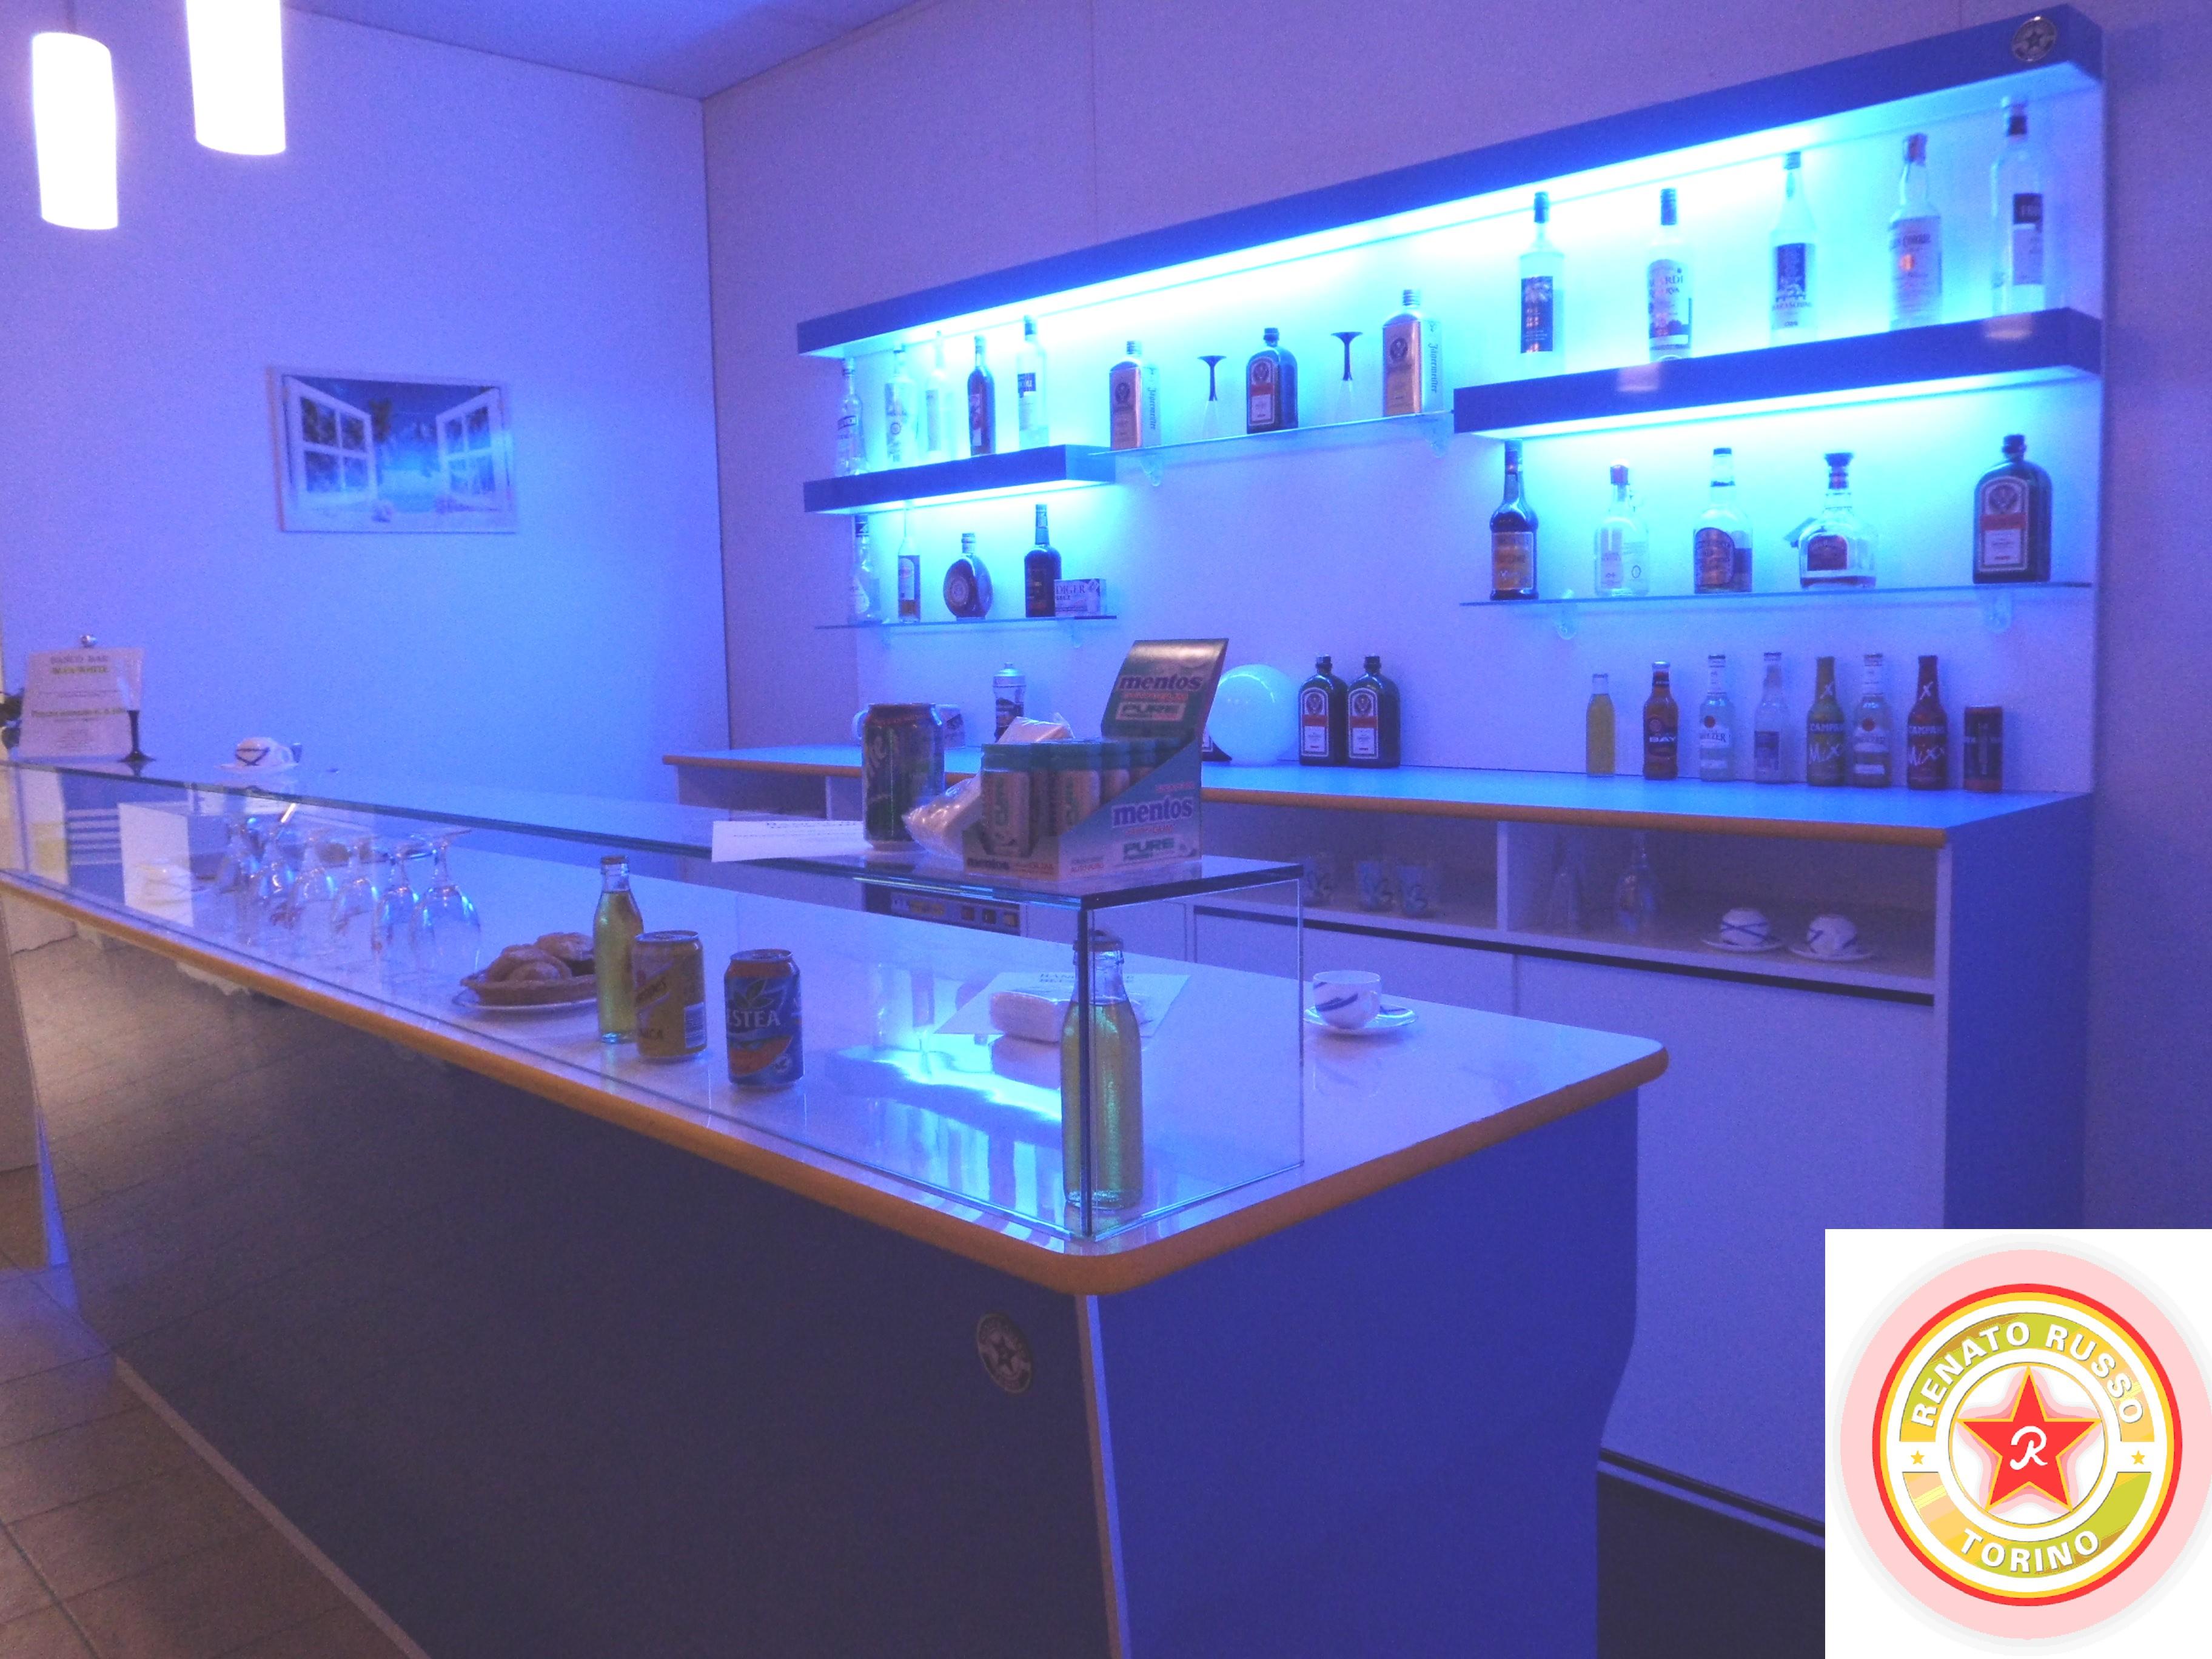 Prezzi banchi bar roma compra in fabbrica banconi bar for Subito it arredamento verona